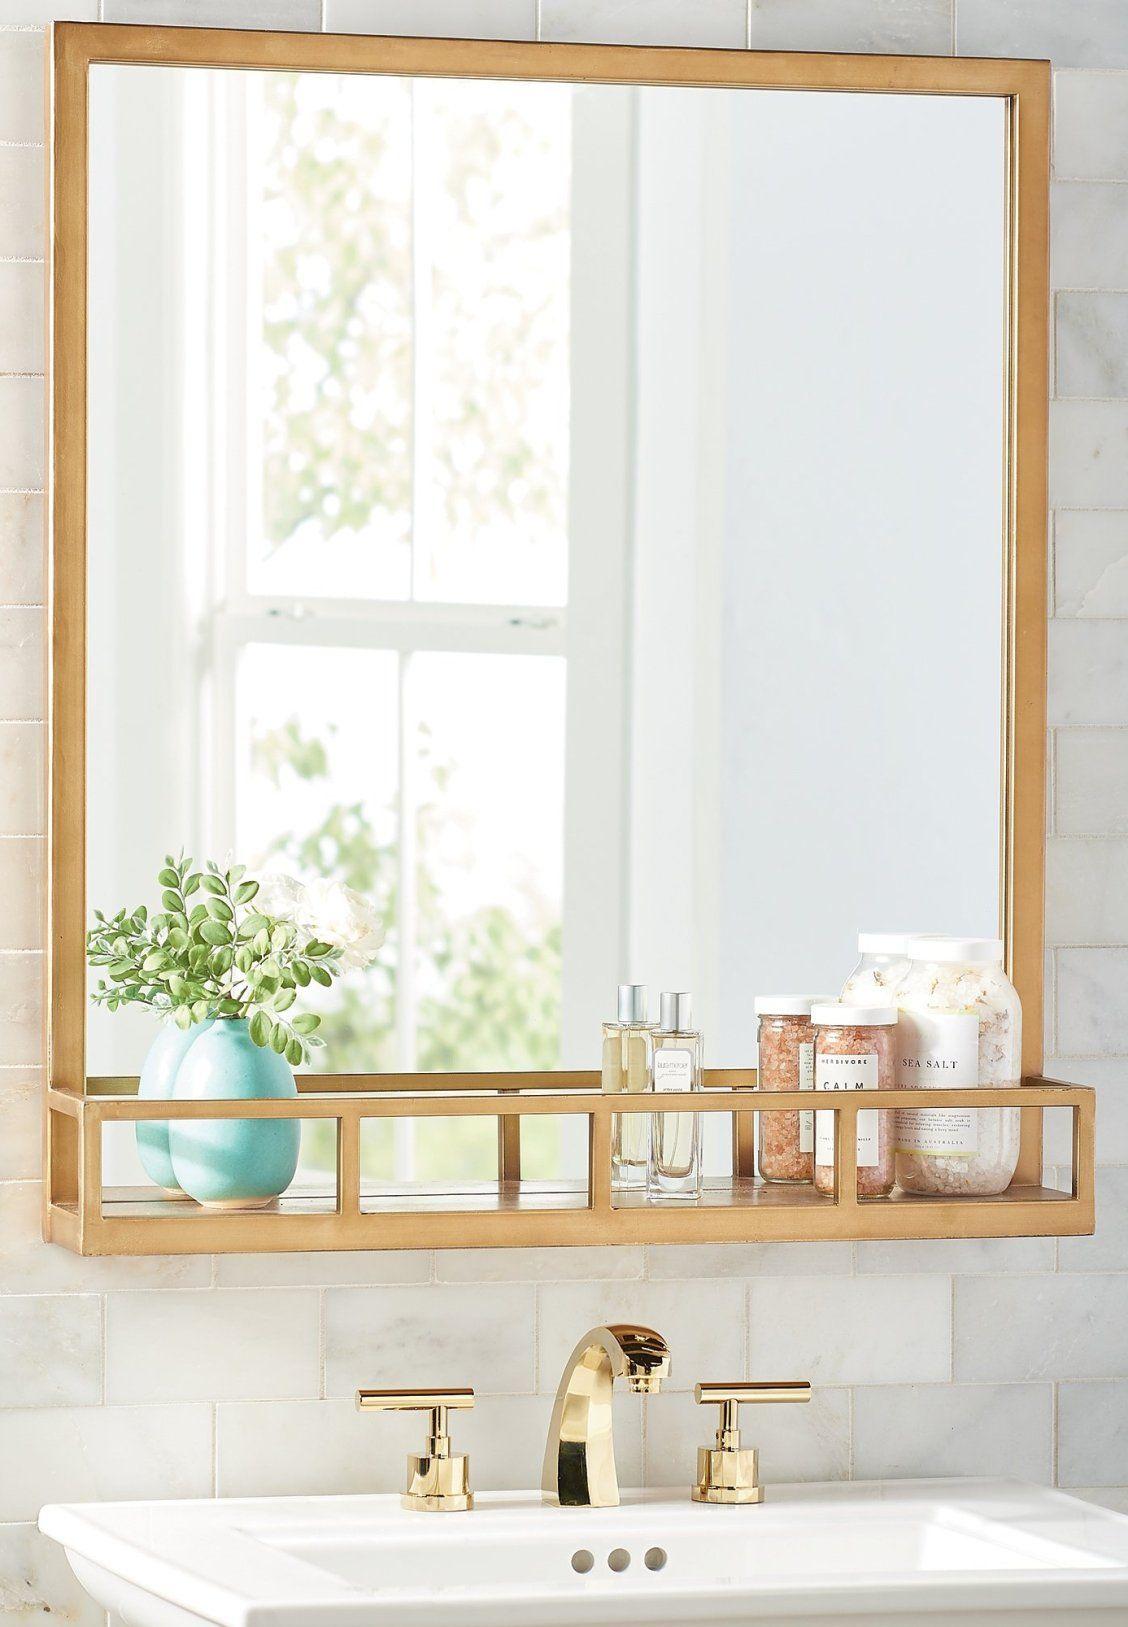 Antique Brass Mirror With Shelf Grandin Road Bathroom Mirror With Shelf Mirror With Shelf Brass Mirror